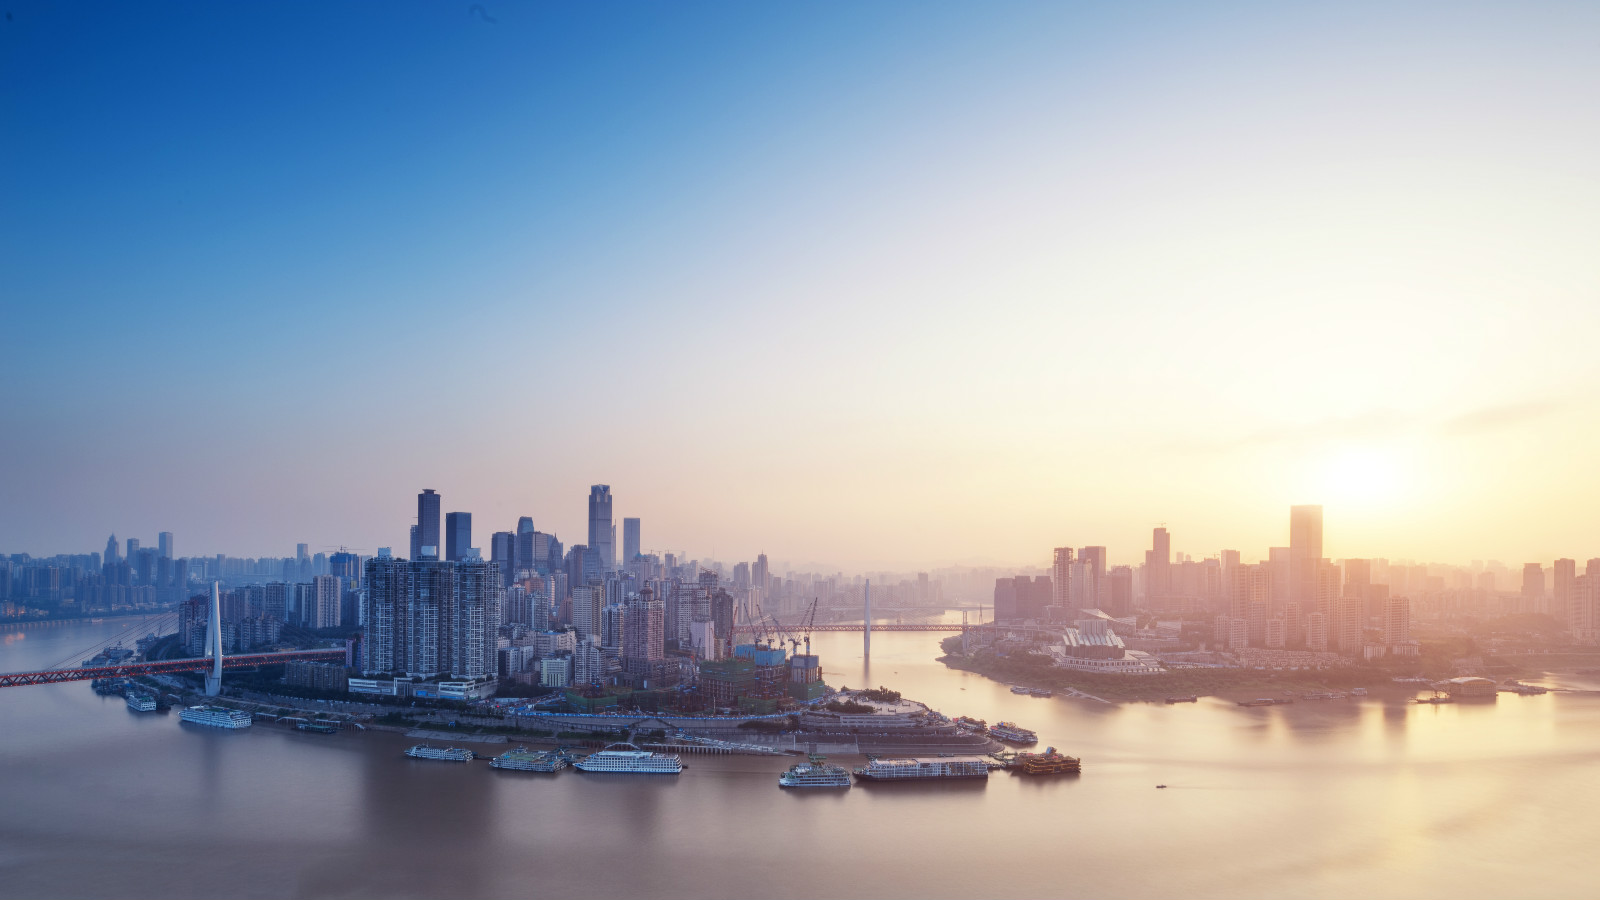 天津市代办公司营业执照提醒营业执照业务范围能够 标明灵活就业人员了